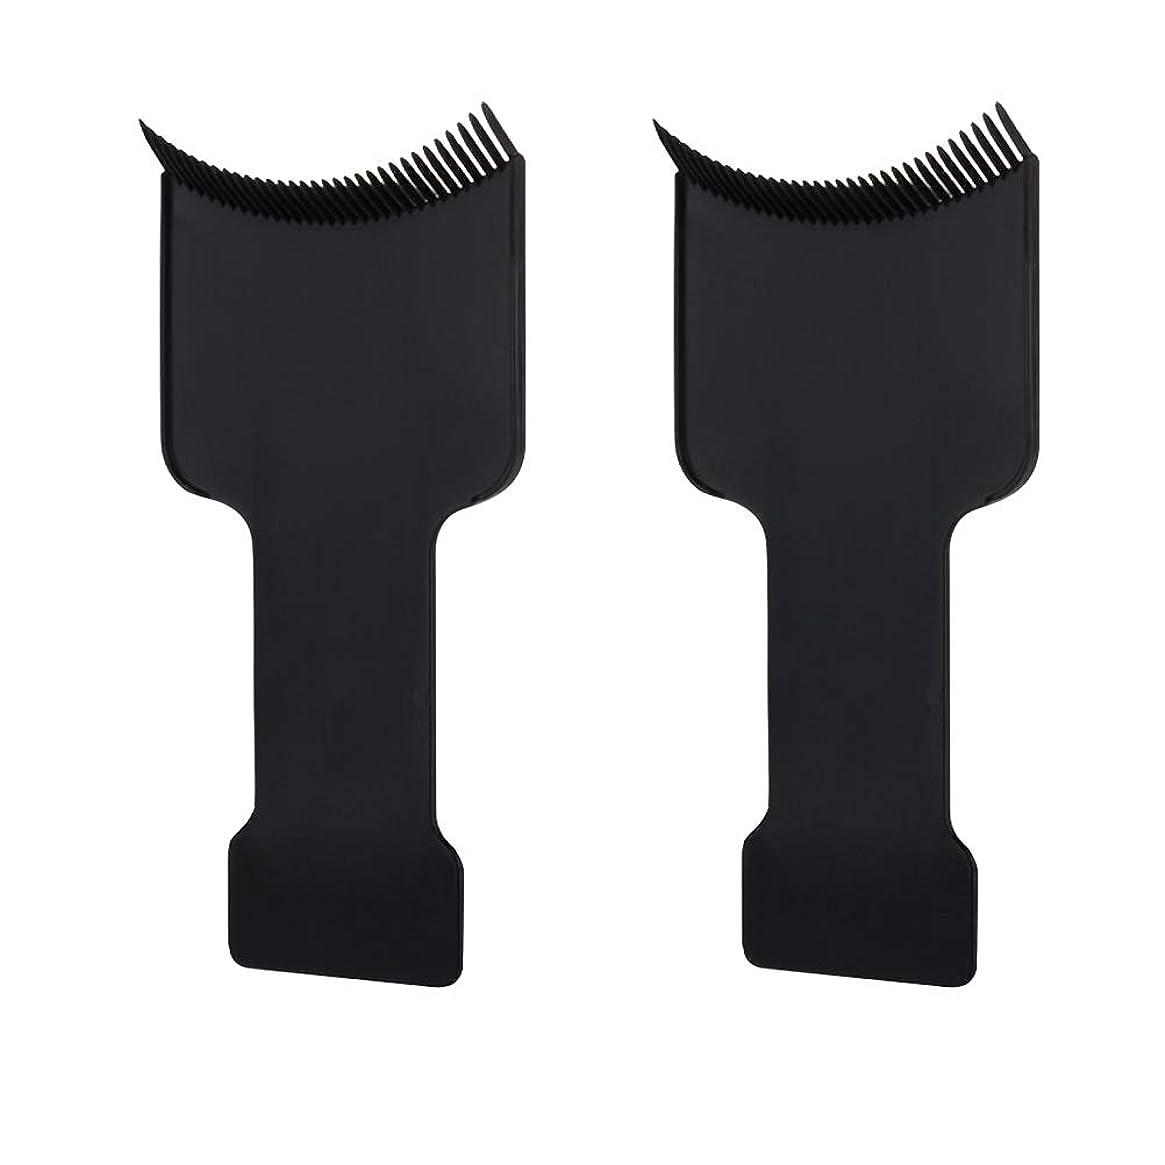 影響暴力クロールHEALIFTY 2本入りヘアカラーコームブラシ付きロングボードティントヘアブラシツール用ヘアダイ理髪(Sサイズ)